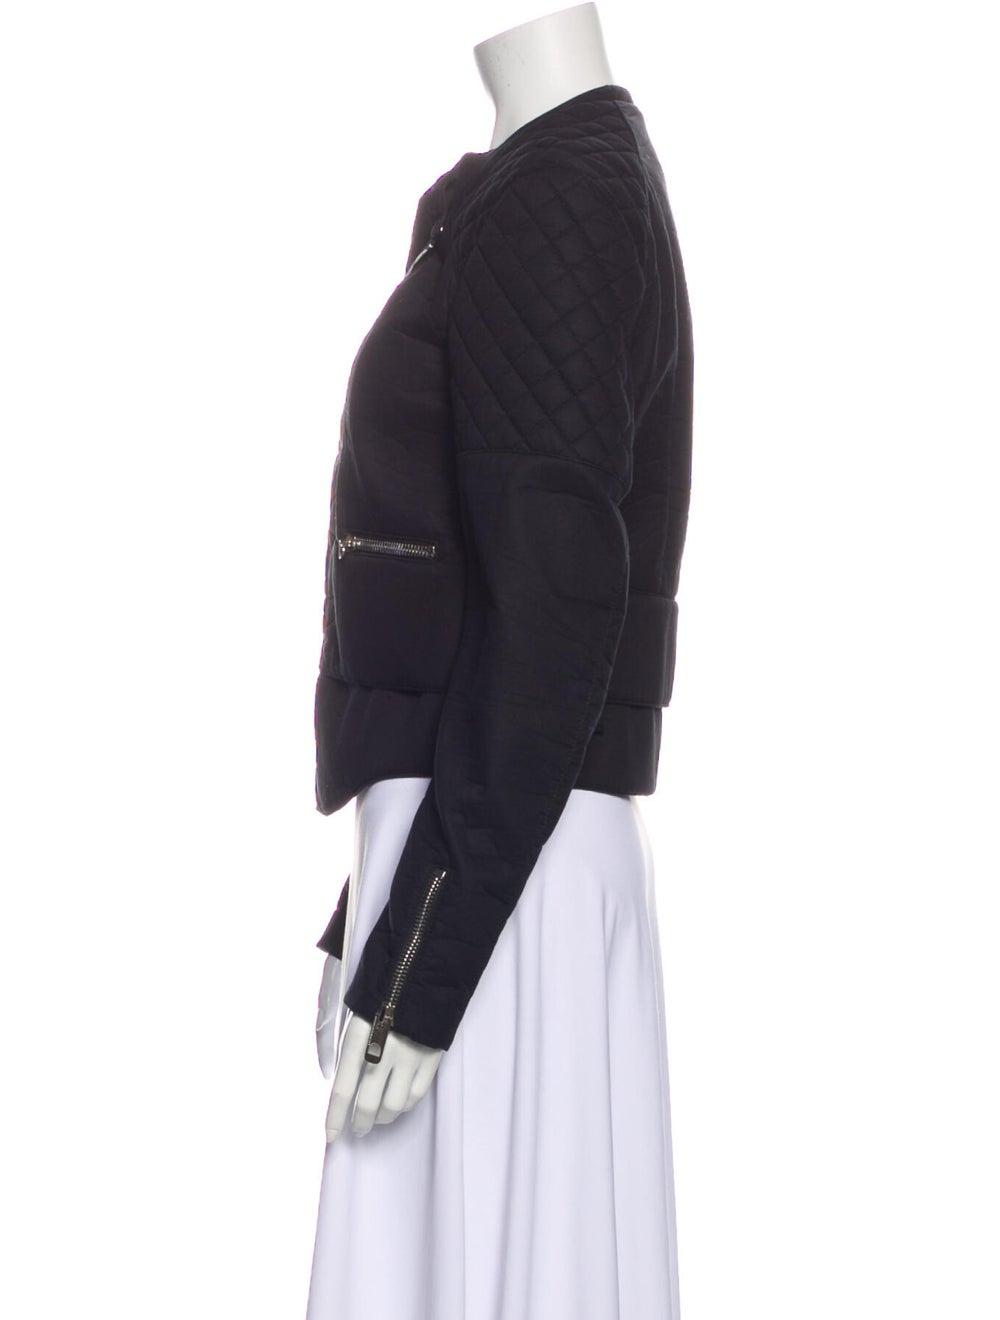 Balenciaga 2012 Blazer Black - image 2